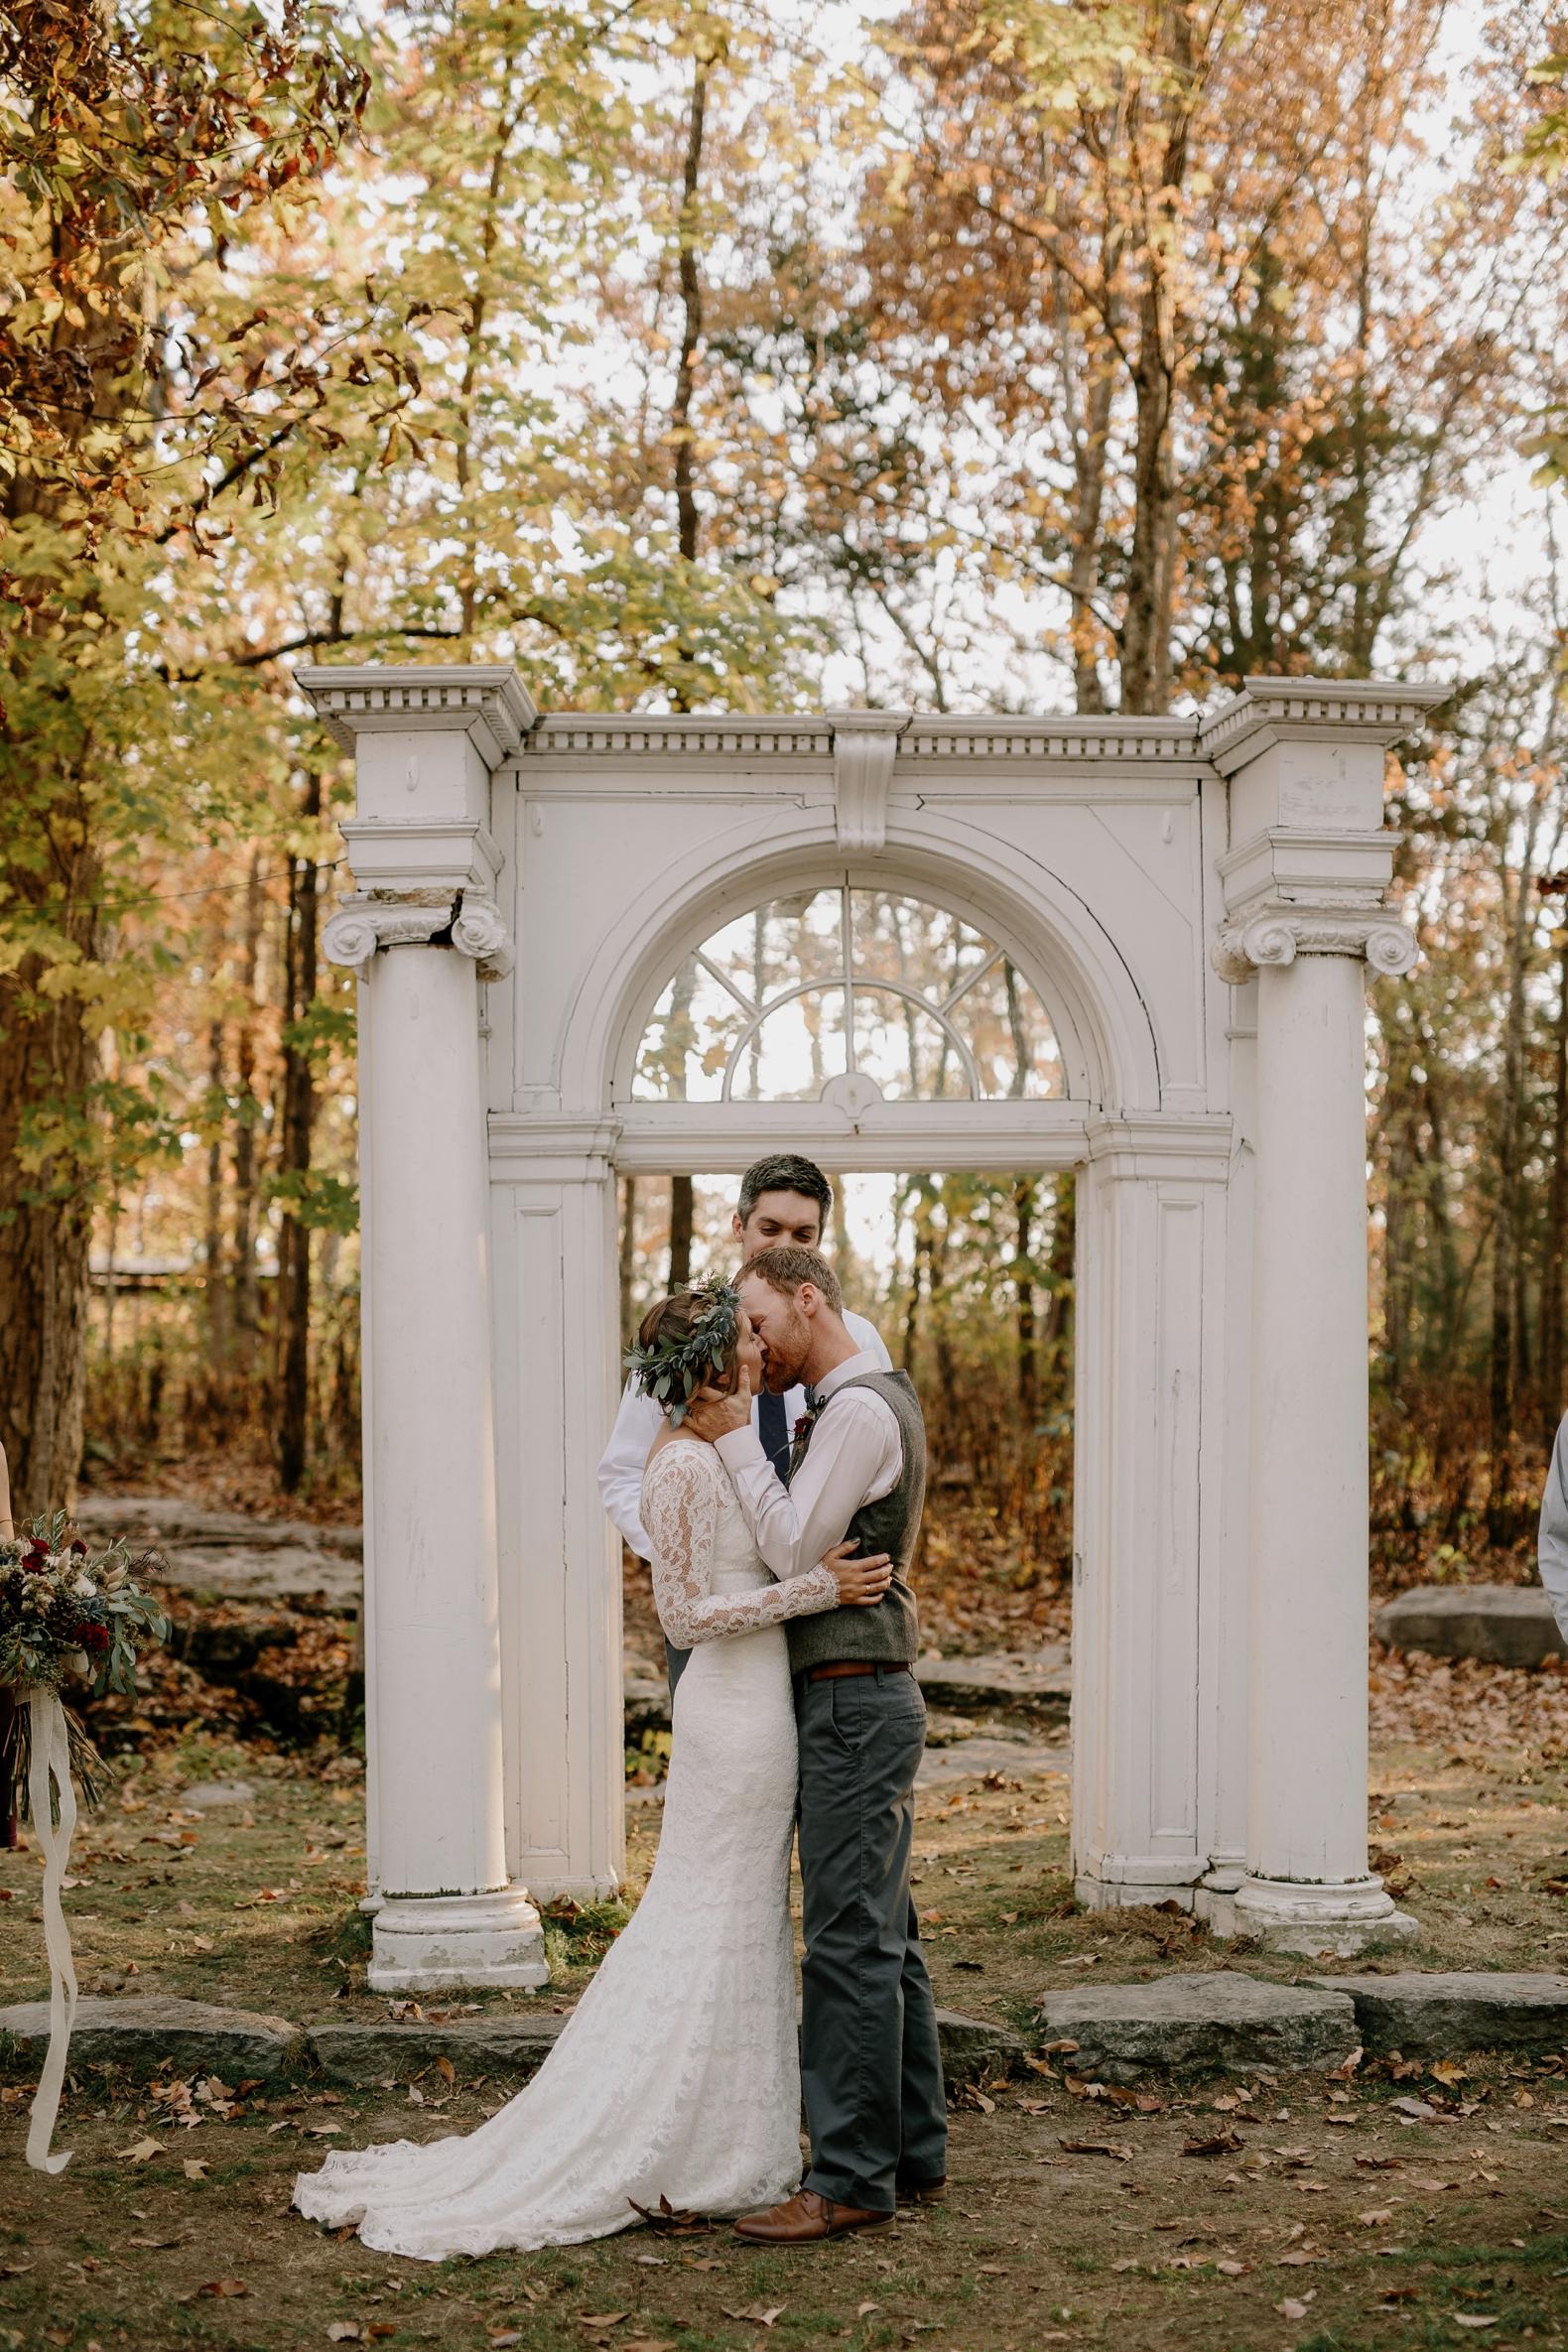 nashville-outdoor-wedding-0060